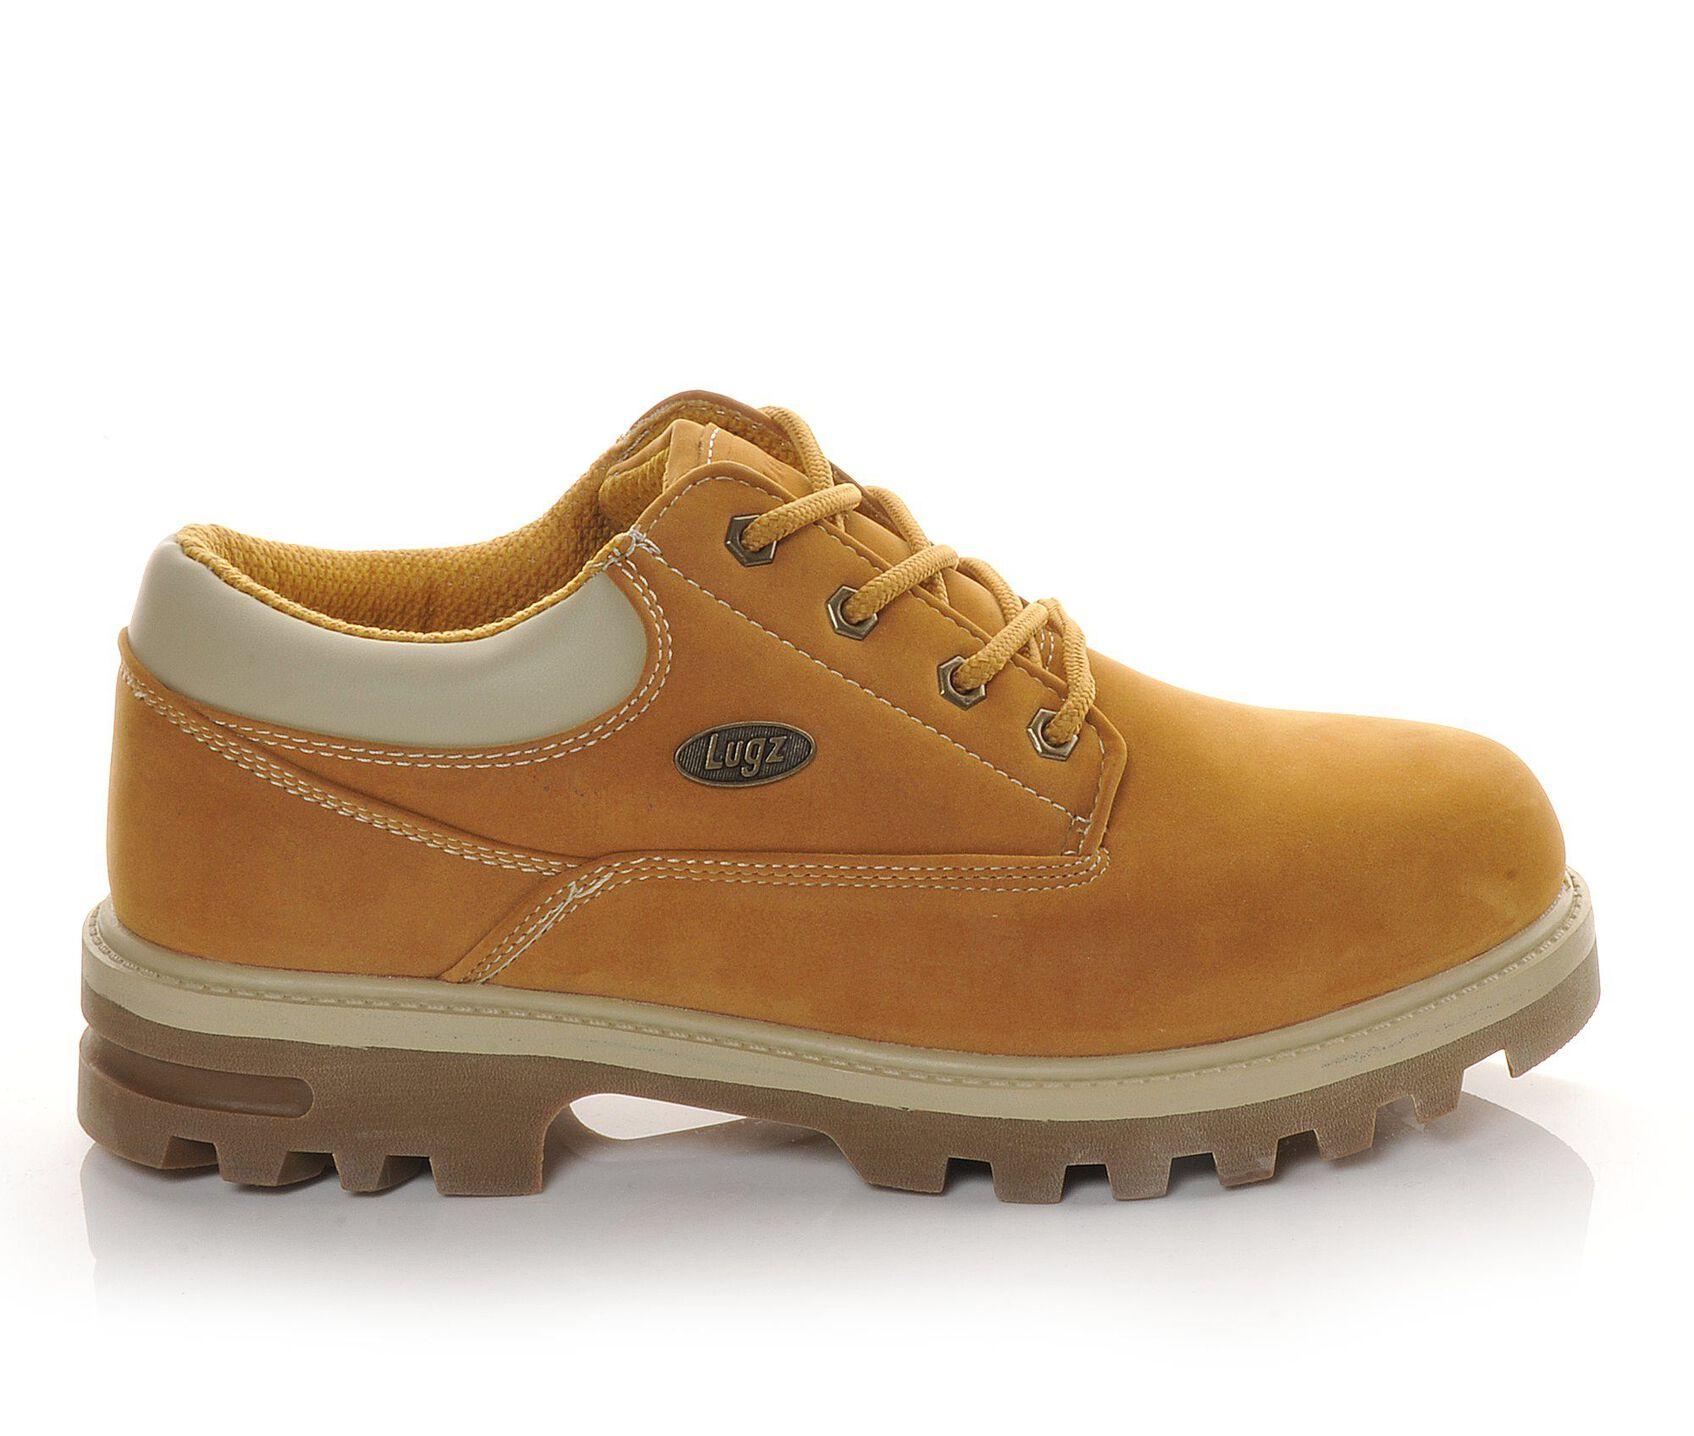 cheaper 135f1 71f5b Men s Lugz Empire Lo Water Resistant   Shoe Carnival